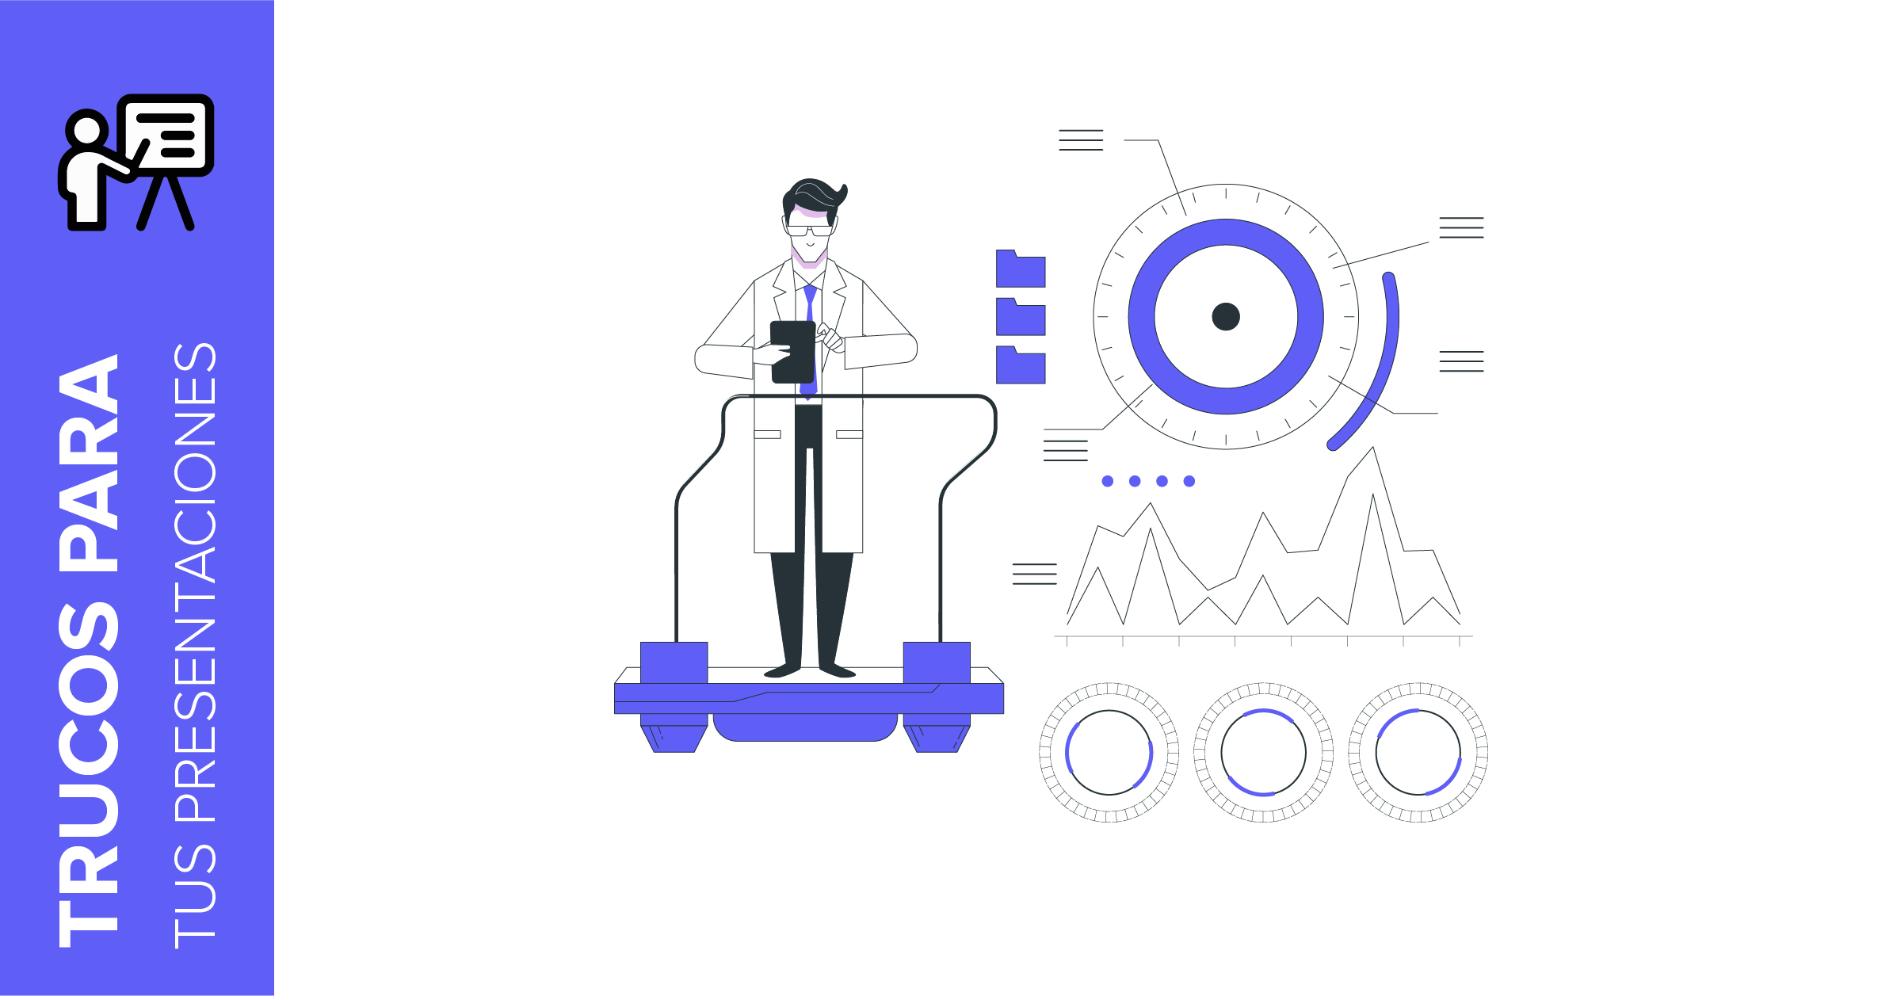 Infografías: ¿Cómo pueden mejorar tus presentaciones? | Tutoriales y Tips para tus presentaciones